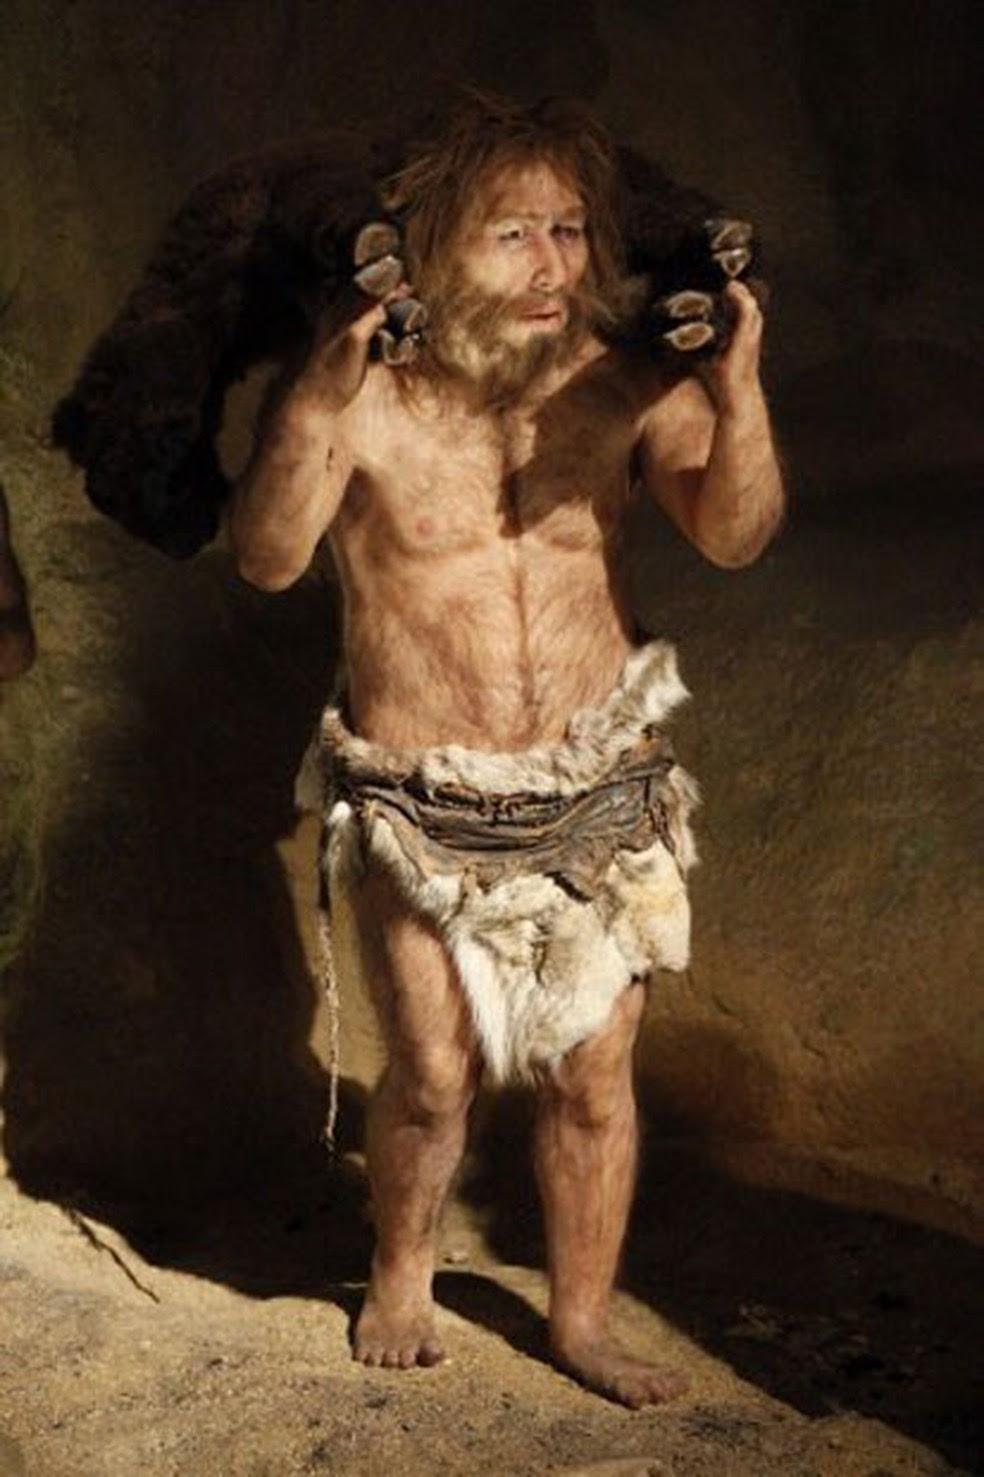 Estátua mostra como seria exemplar de neandertal, em museu na Croácia (Foto: Frumm John/Hemis.Fr)